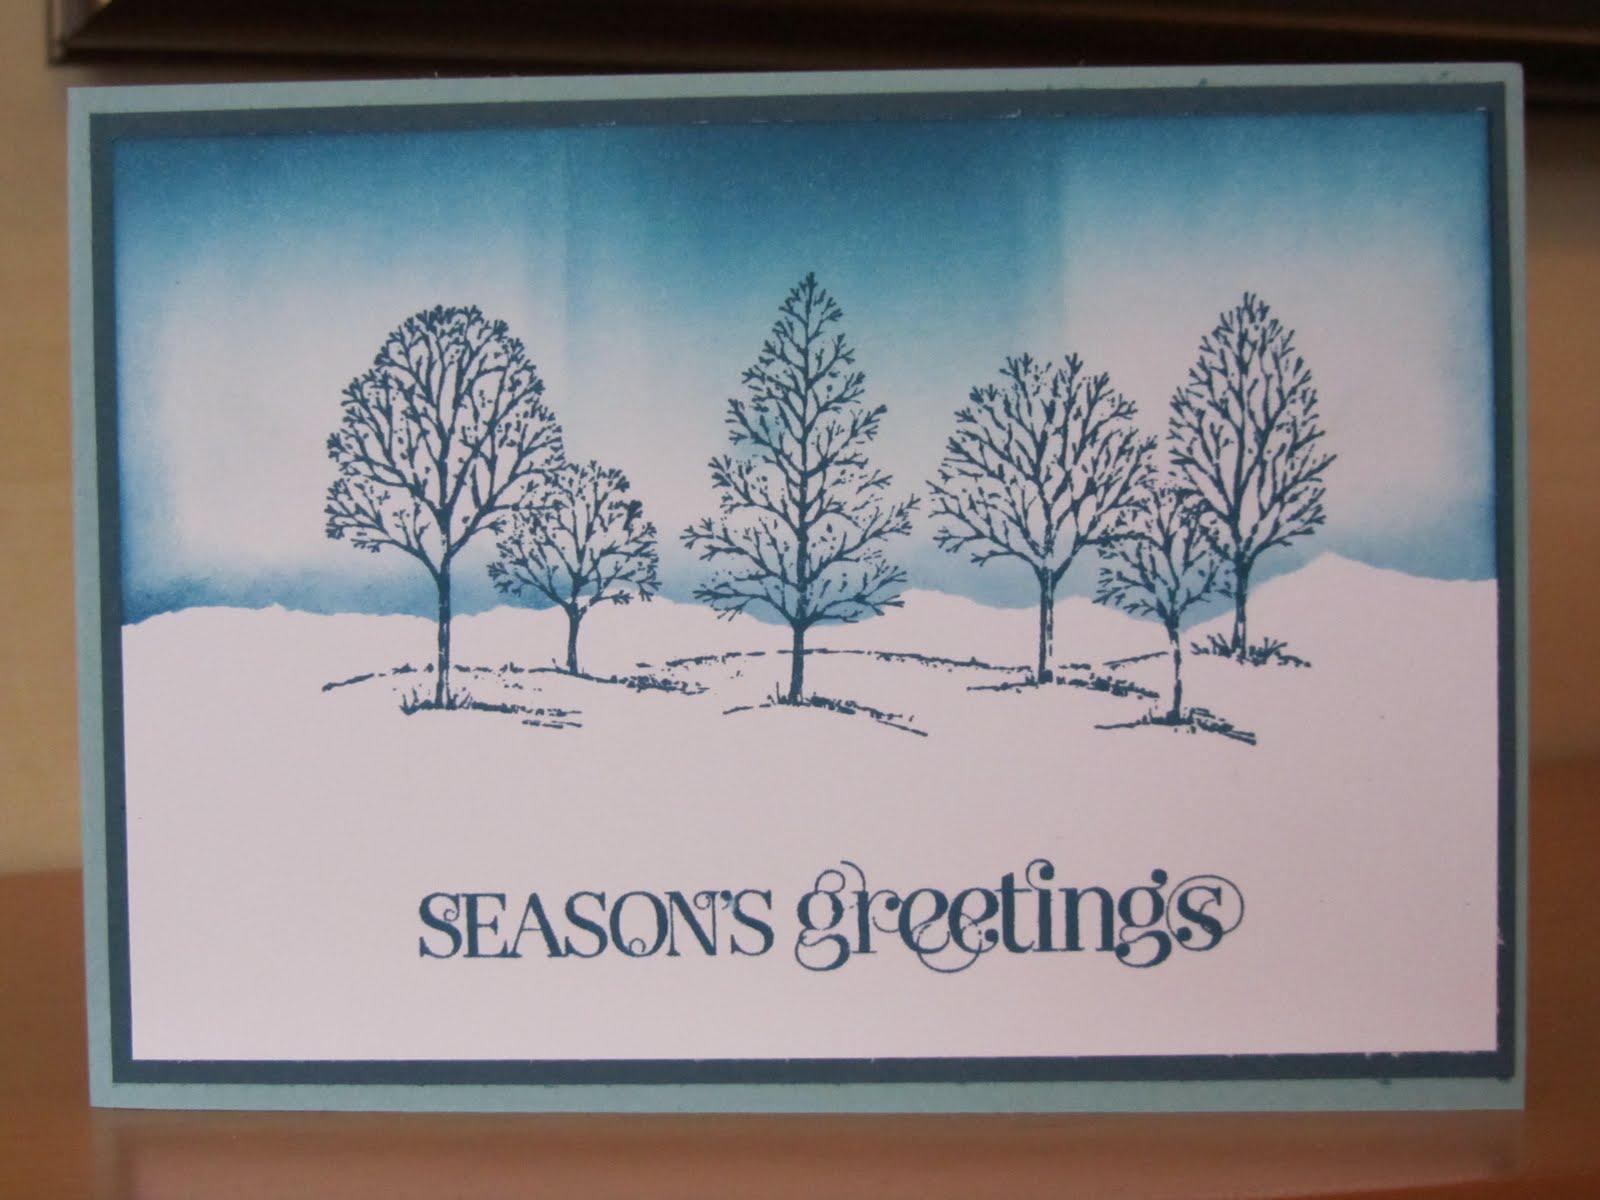 12-c5p seasons greetings